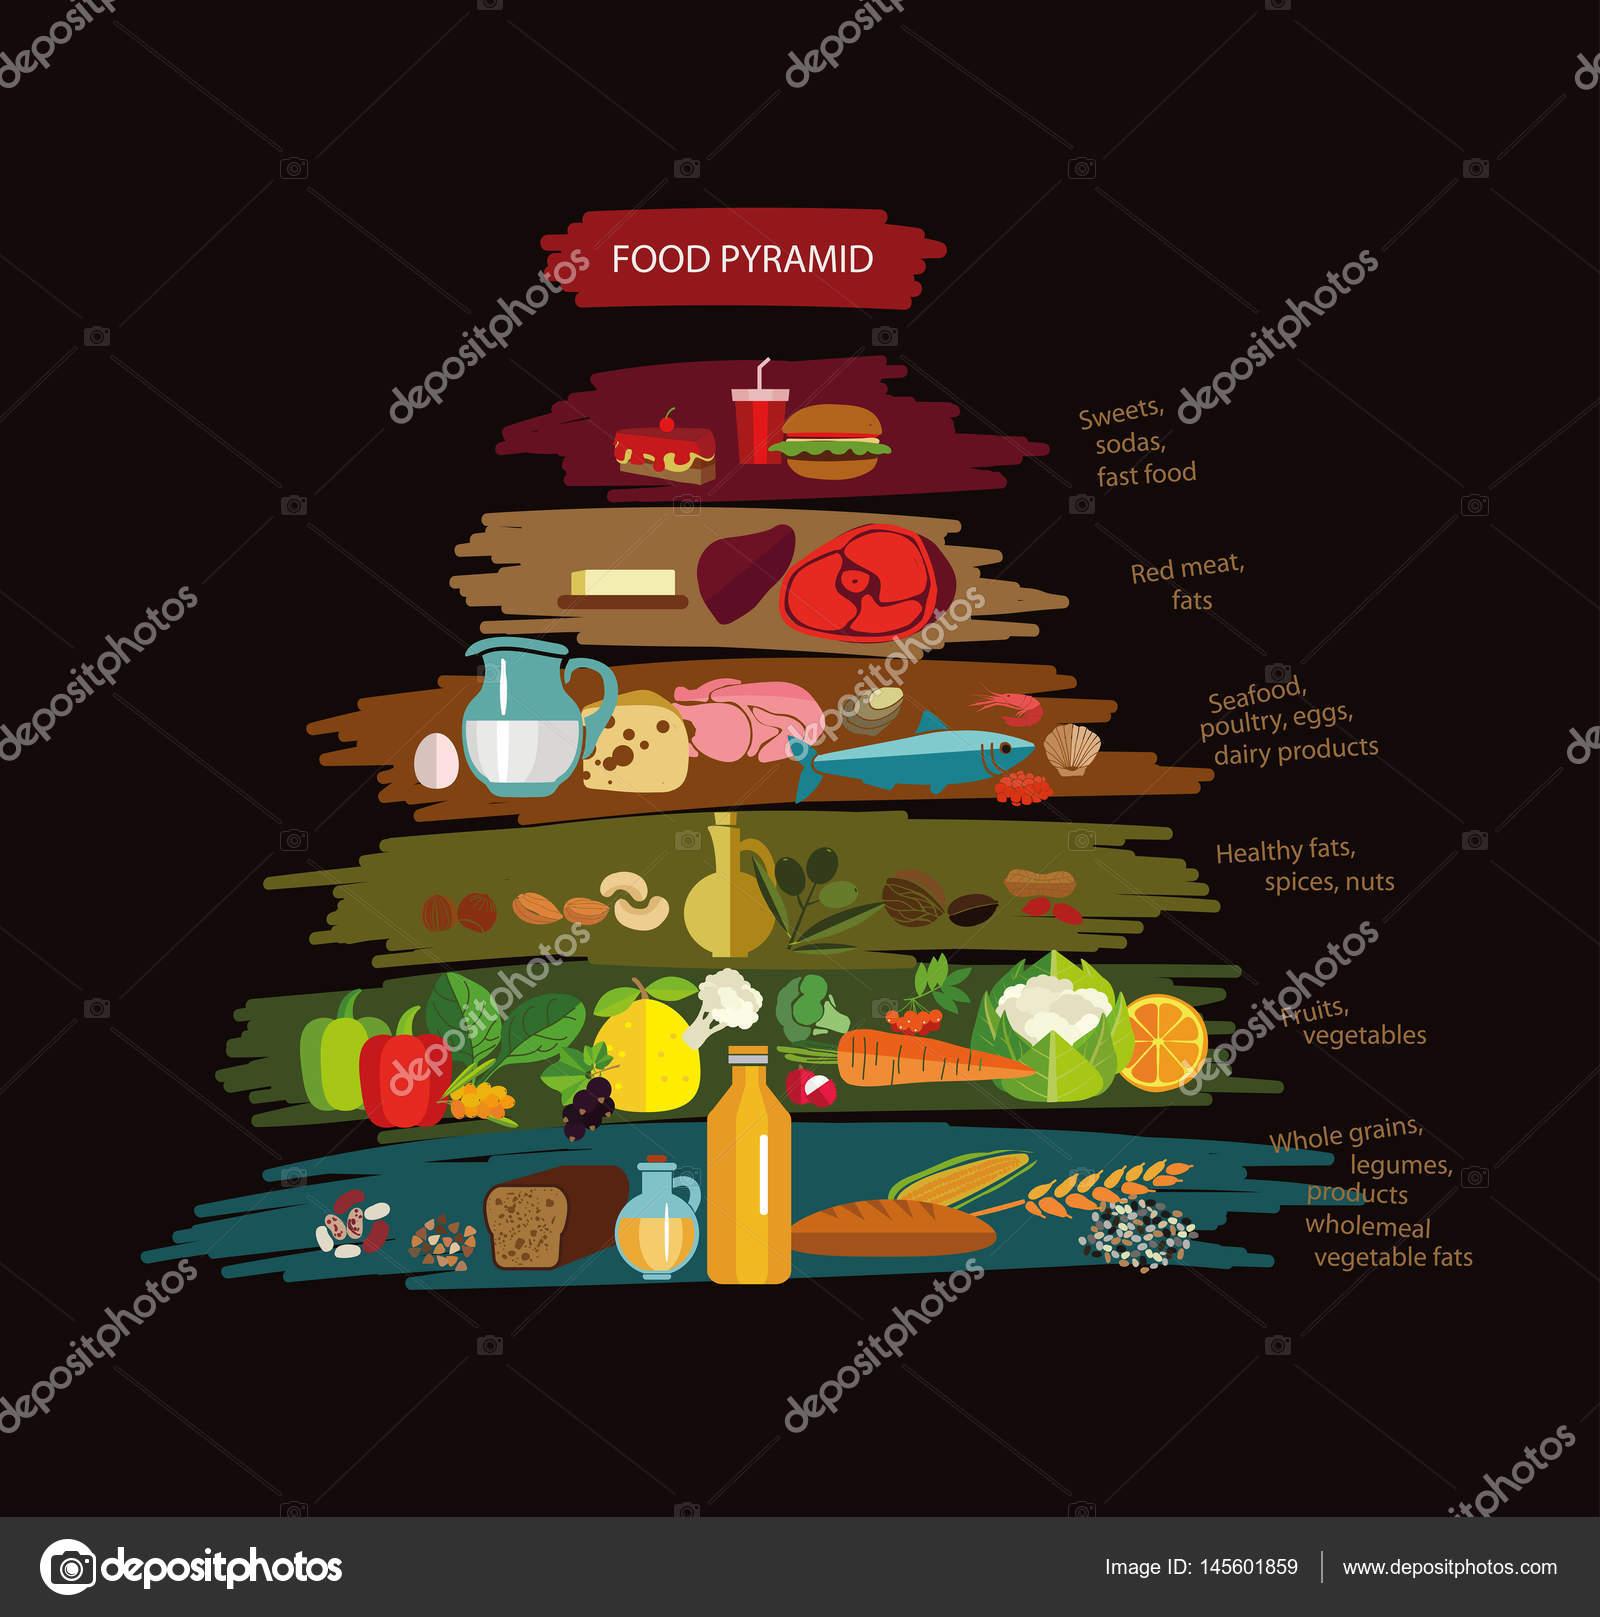 Doğru beslenme prensipleri. Besinler ve kaynakları